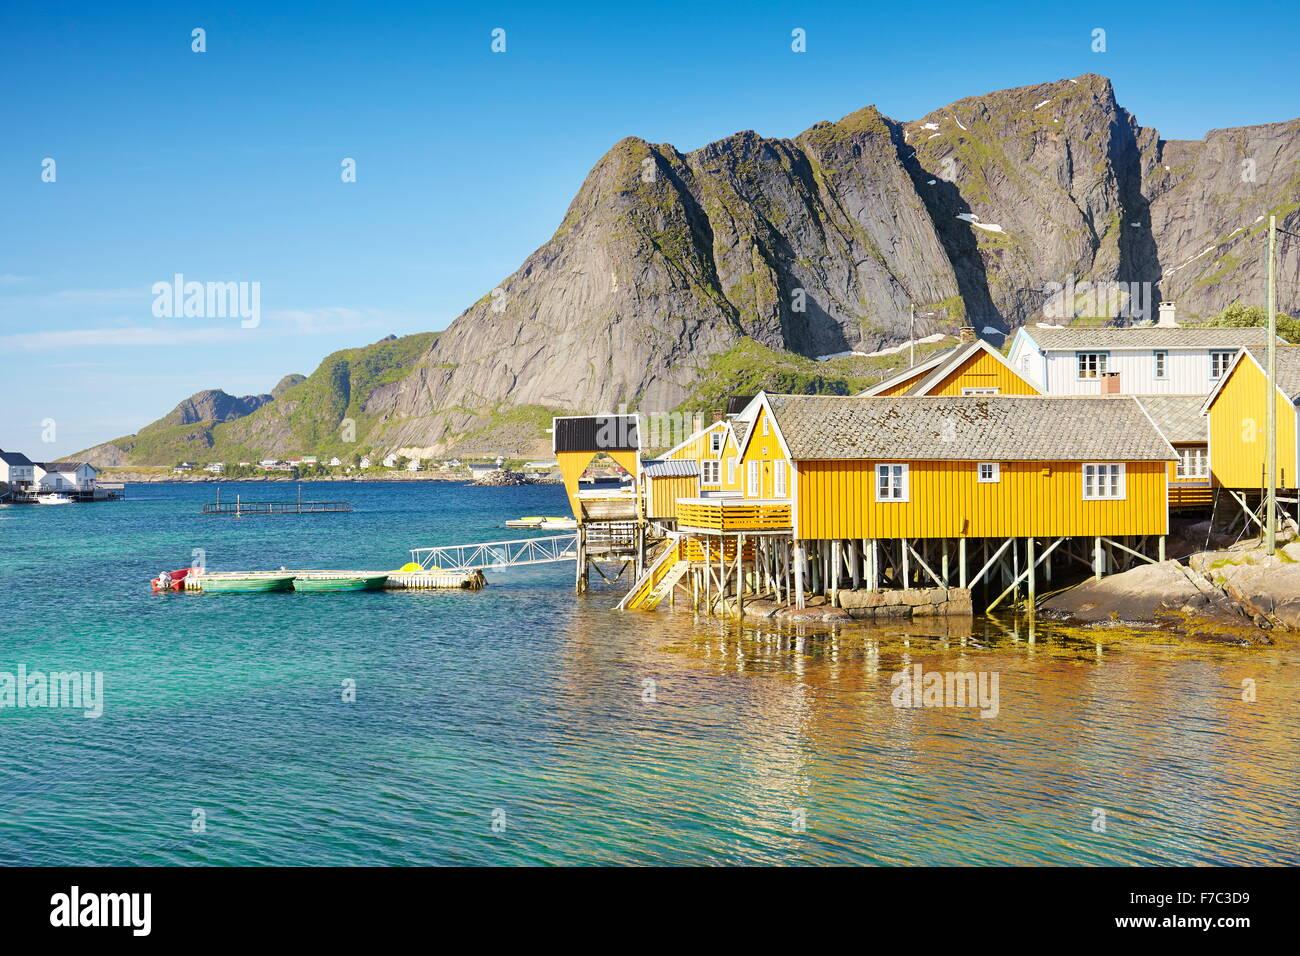 Traditionelle Fischer Häuser Rorbu, Lofoten Inseln, Norwegen Stockbild